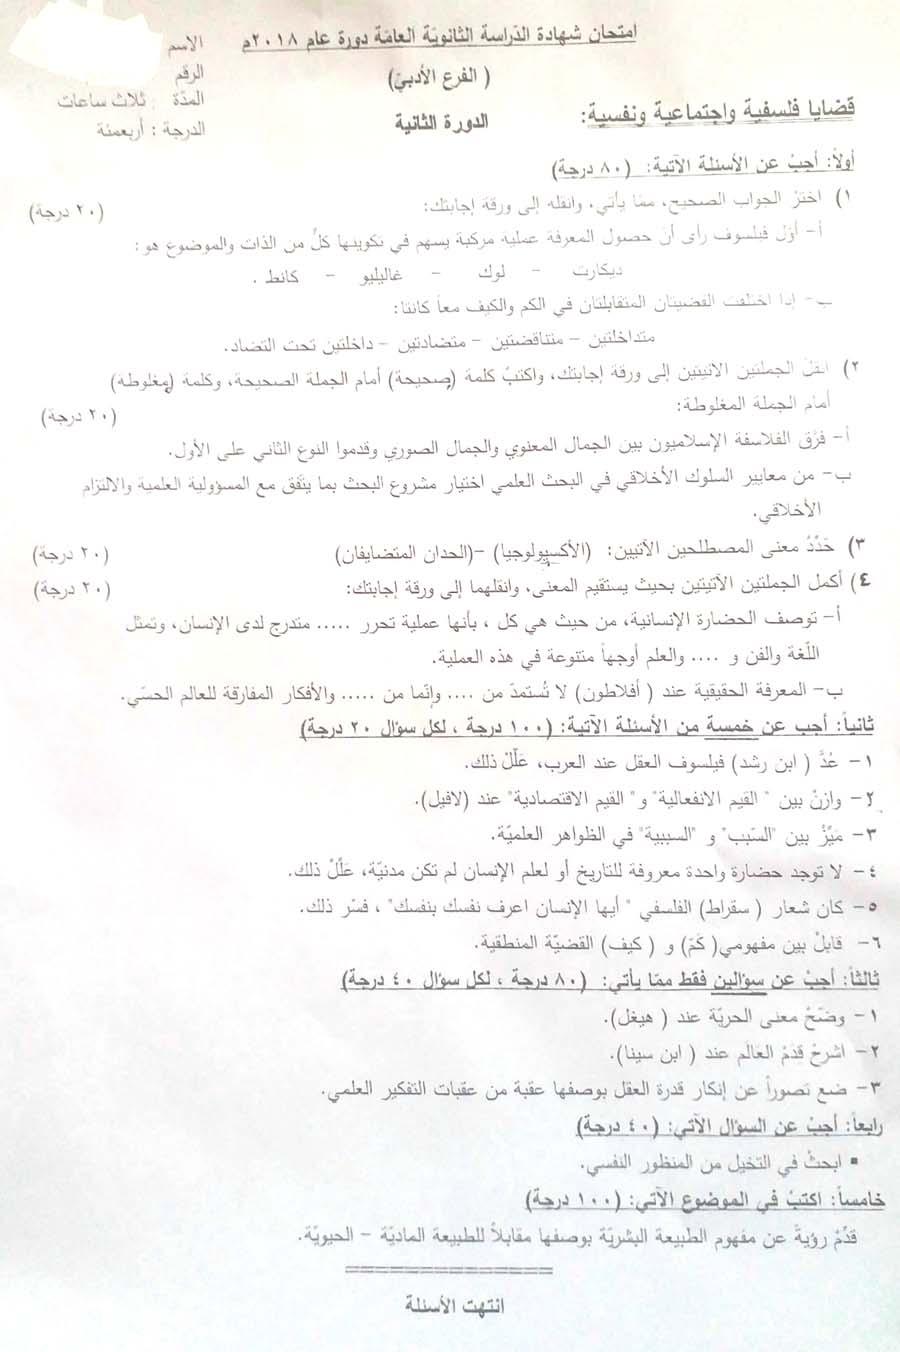 اسئلة فلسفة 2018 دورة ثانية تكميلية مع الحل- بكالوريا ادبي سوريا - اسئلة دورات